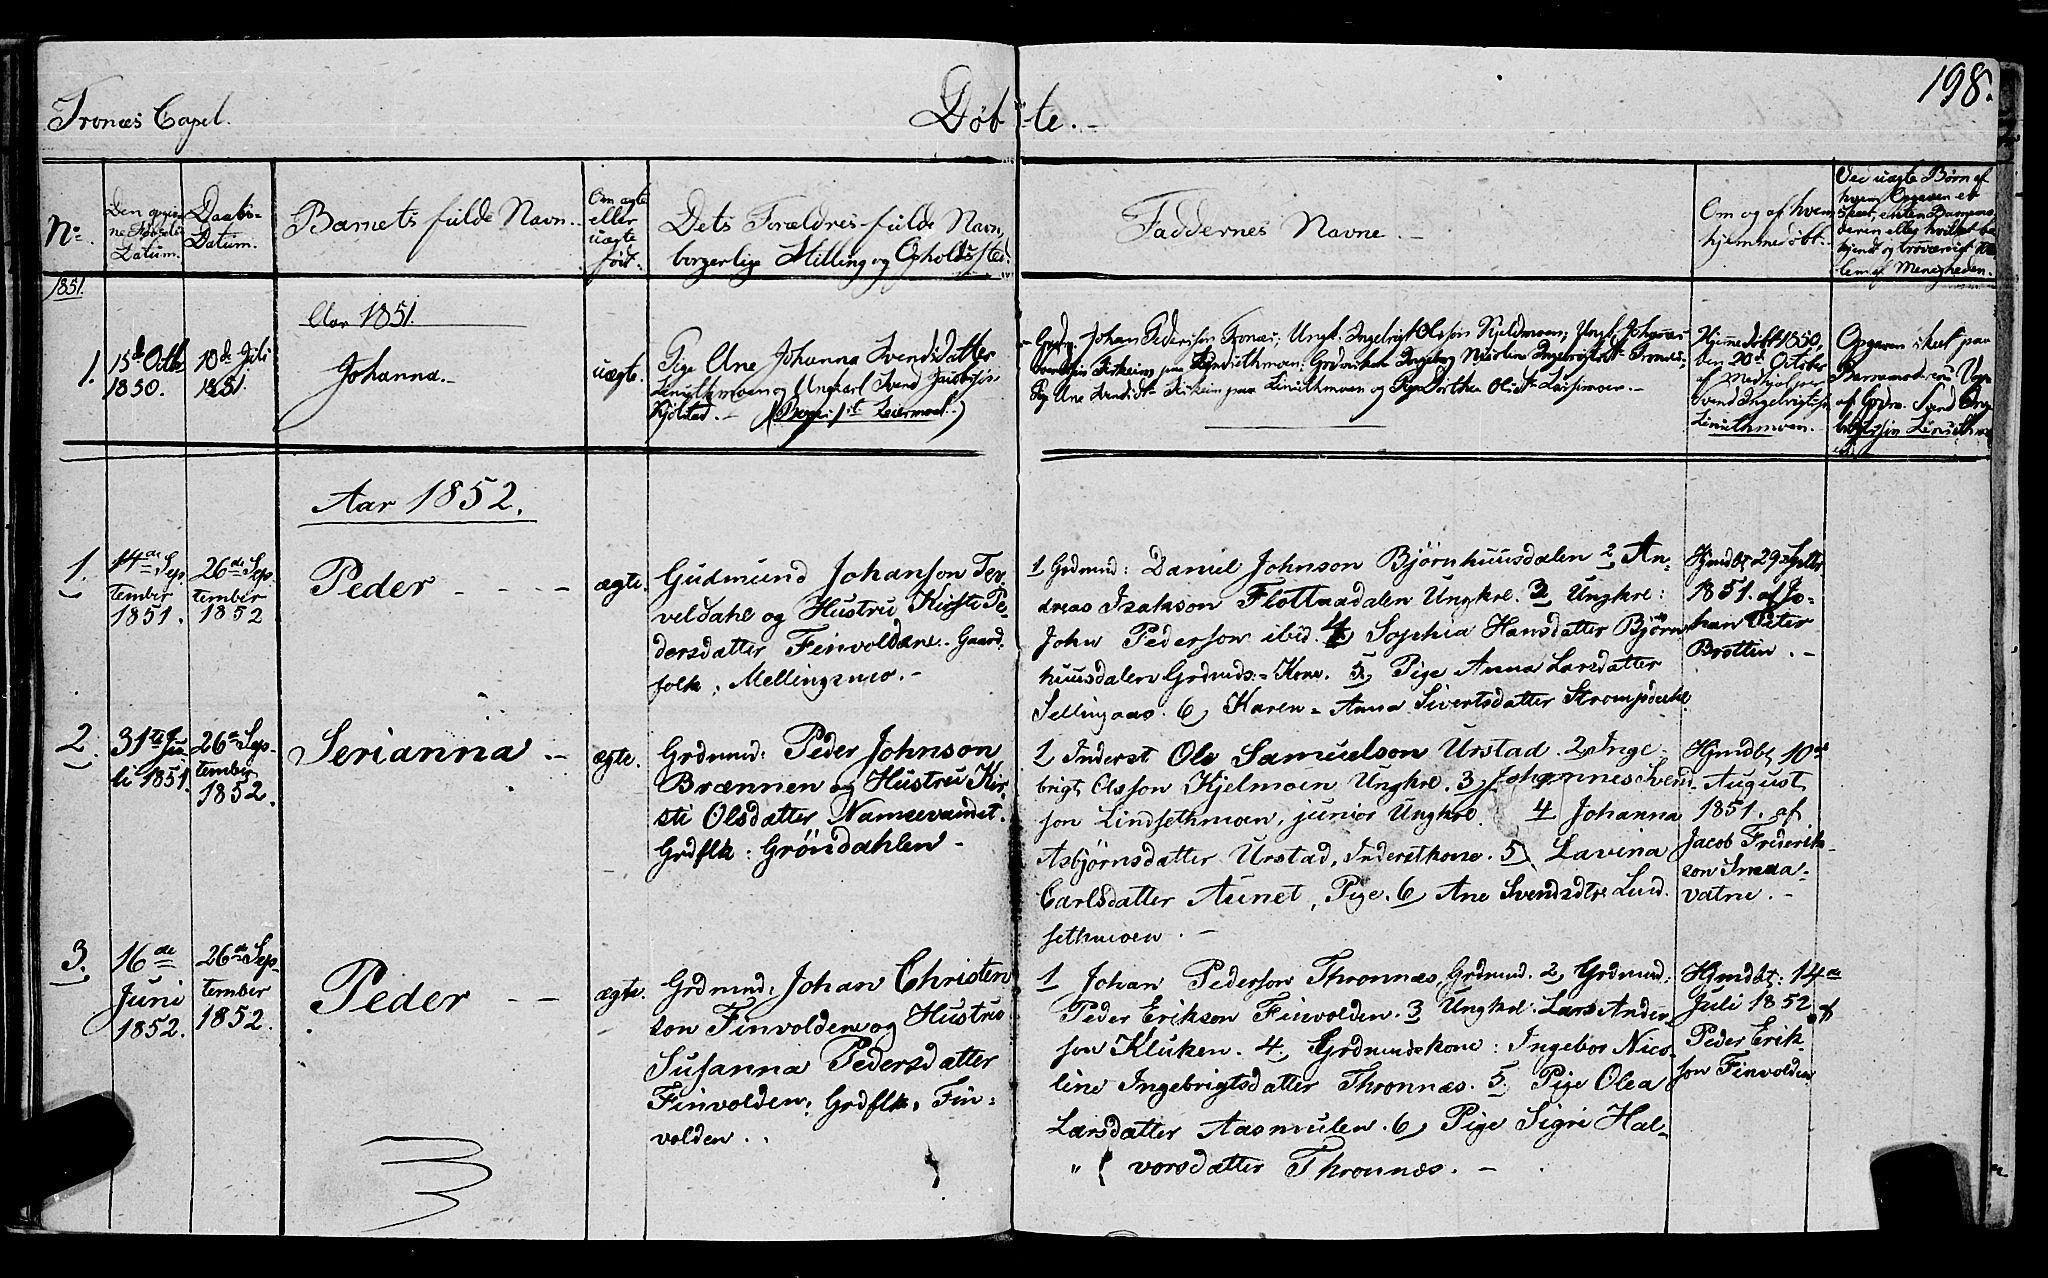 SAT, Ministerialprotokoller, klokkerbøker og fødselsregistre - Nord-Trøndelag, 762/L0538: Ministerialbok nr. 762A02 /2, 1833-1879, s. 198